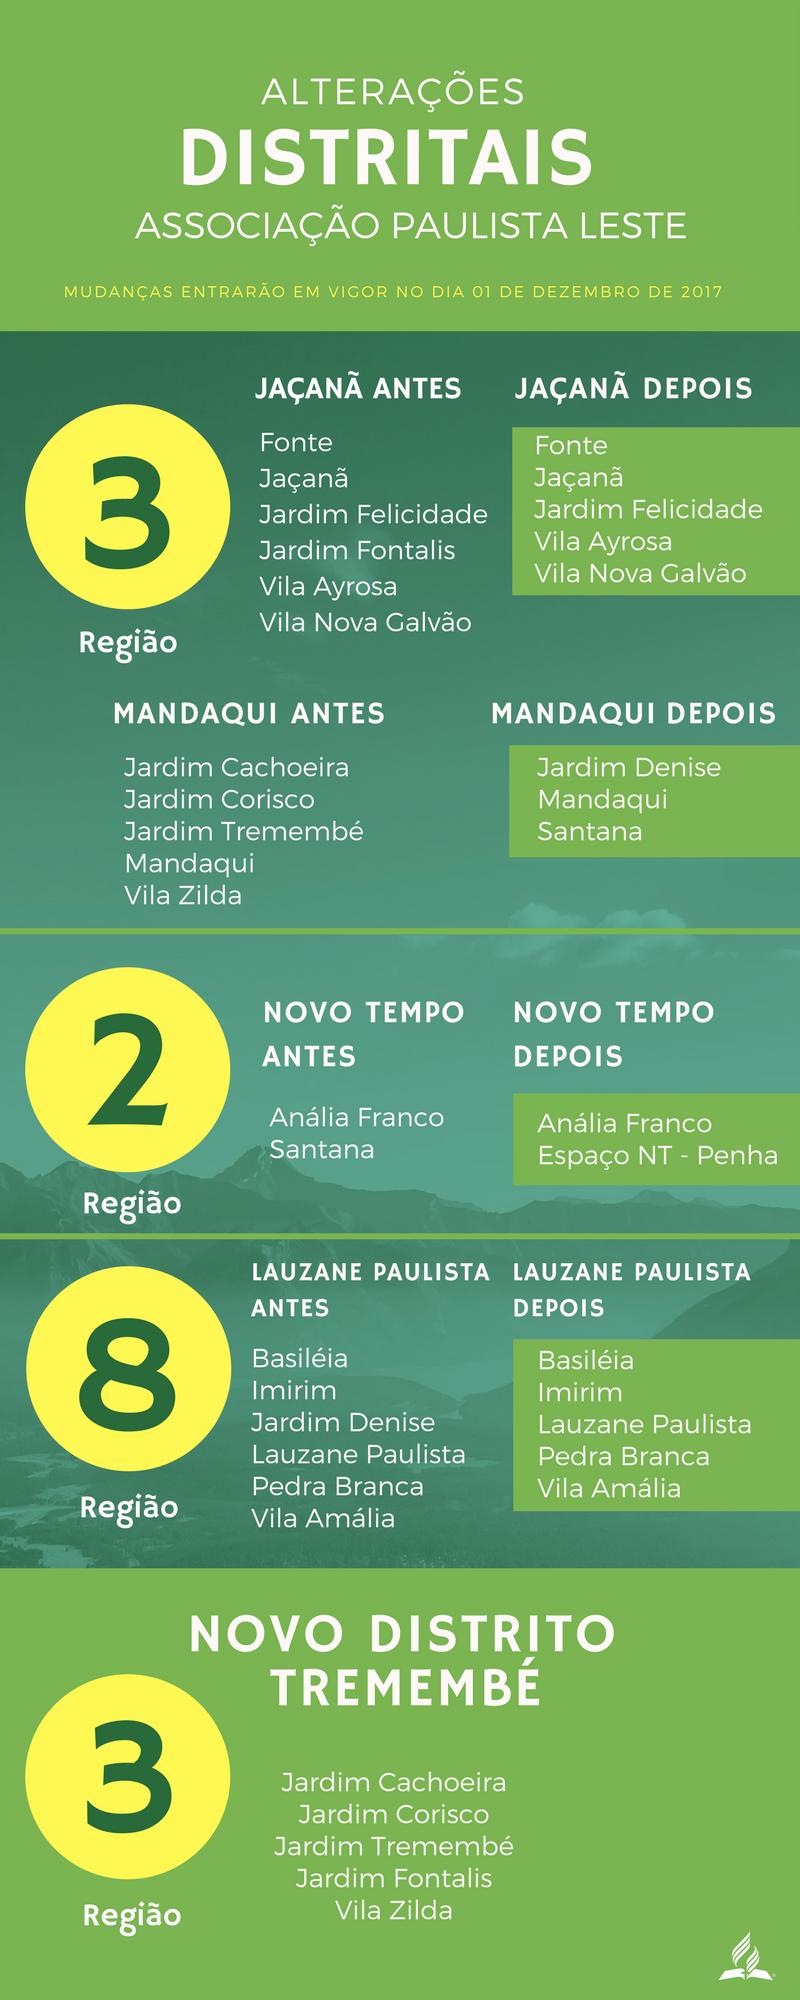 Novo distrito é formado na Associação Paulista Leste